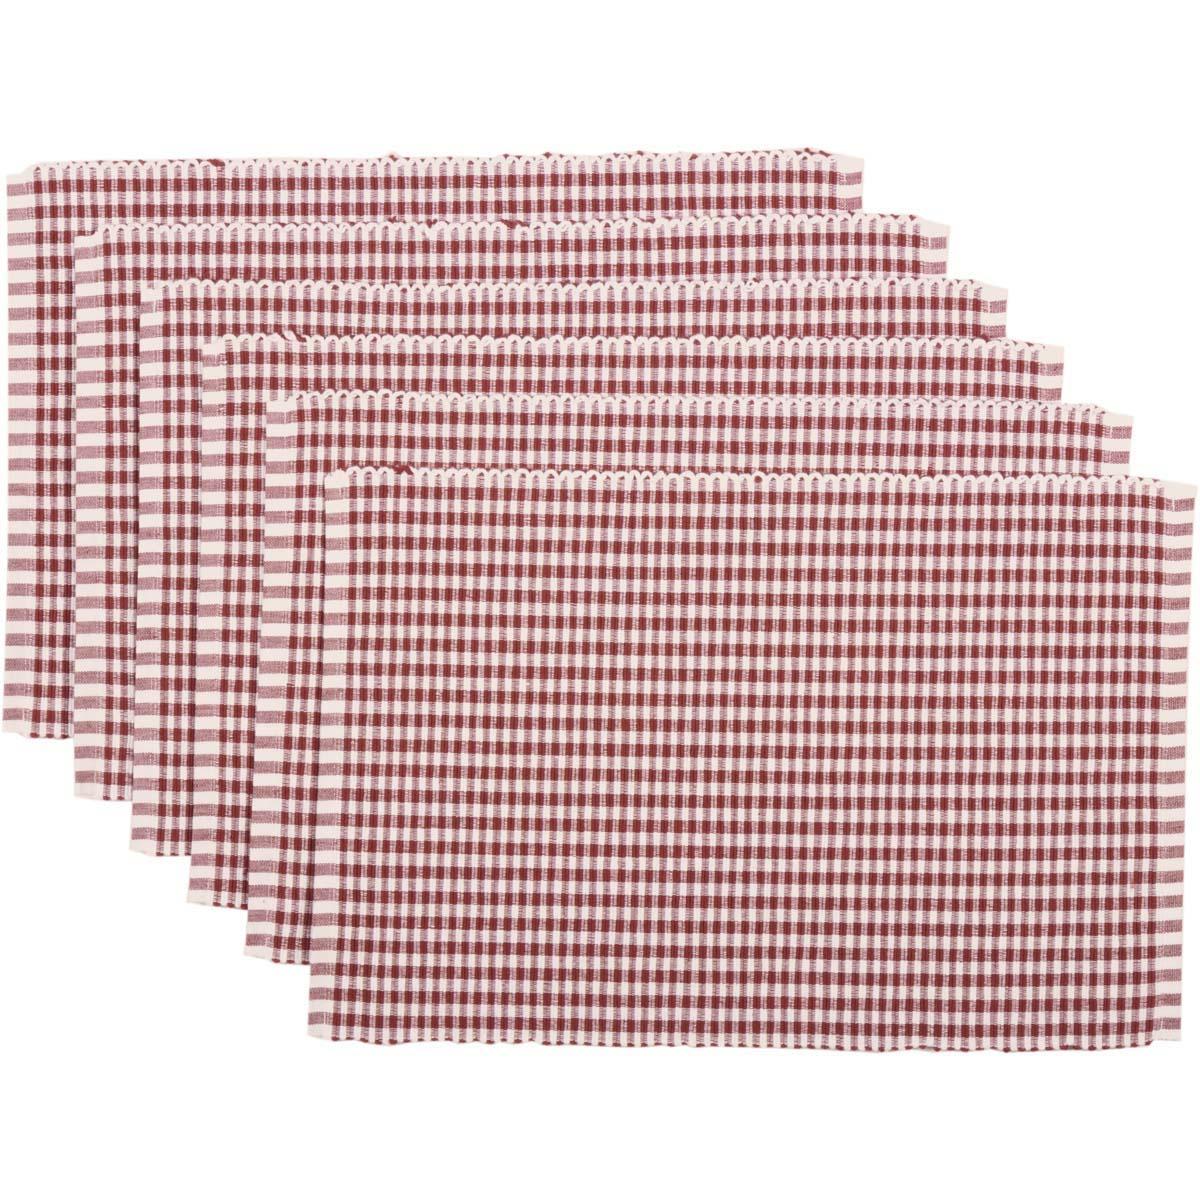 Tara Rust Ribbed Placemat Set of 6 12x18